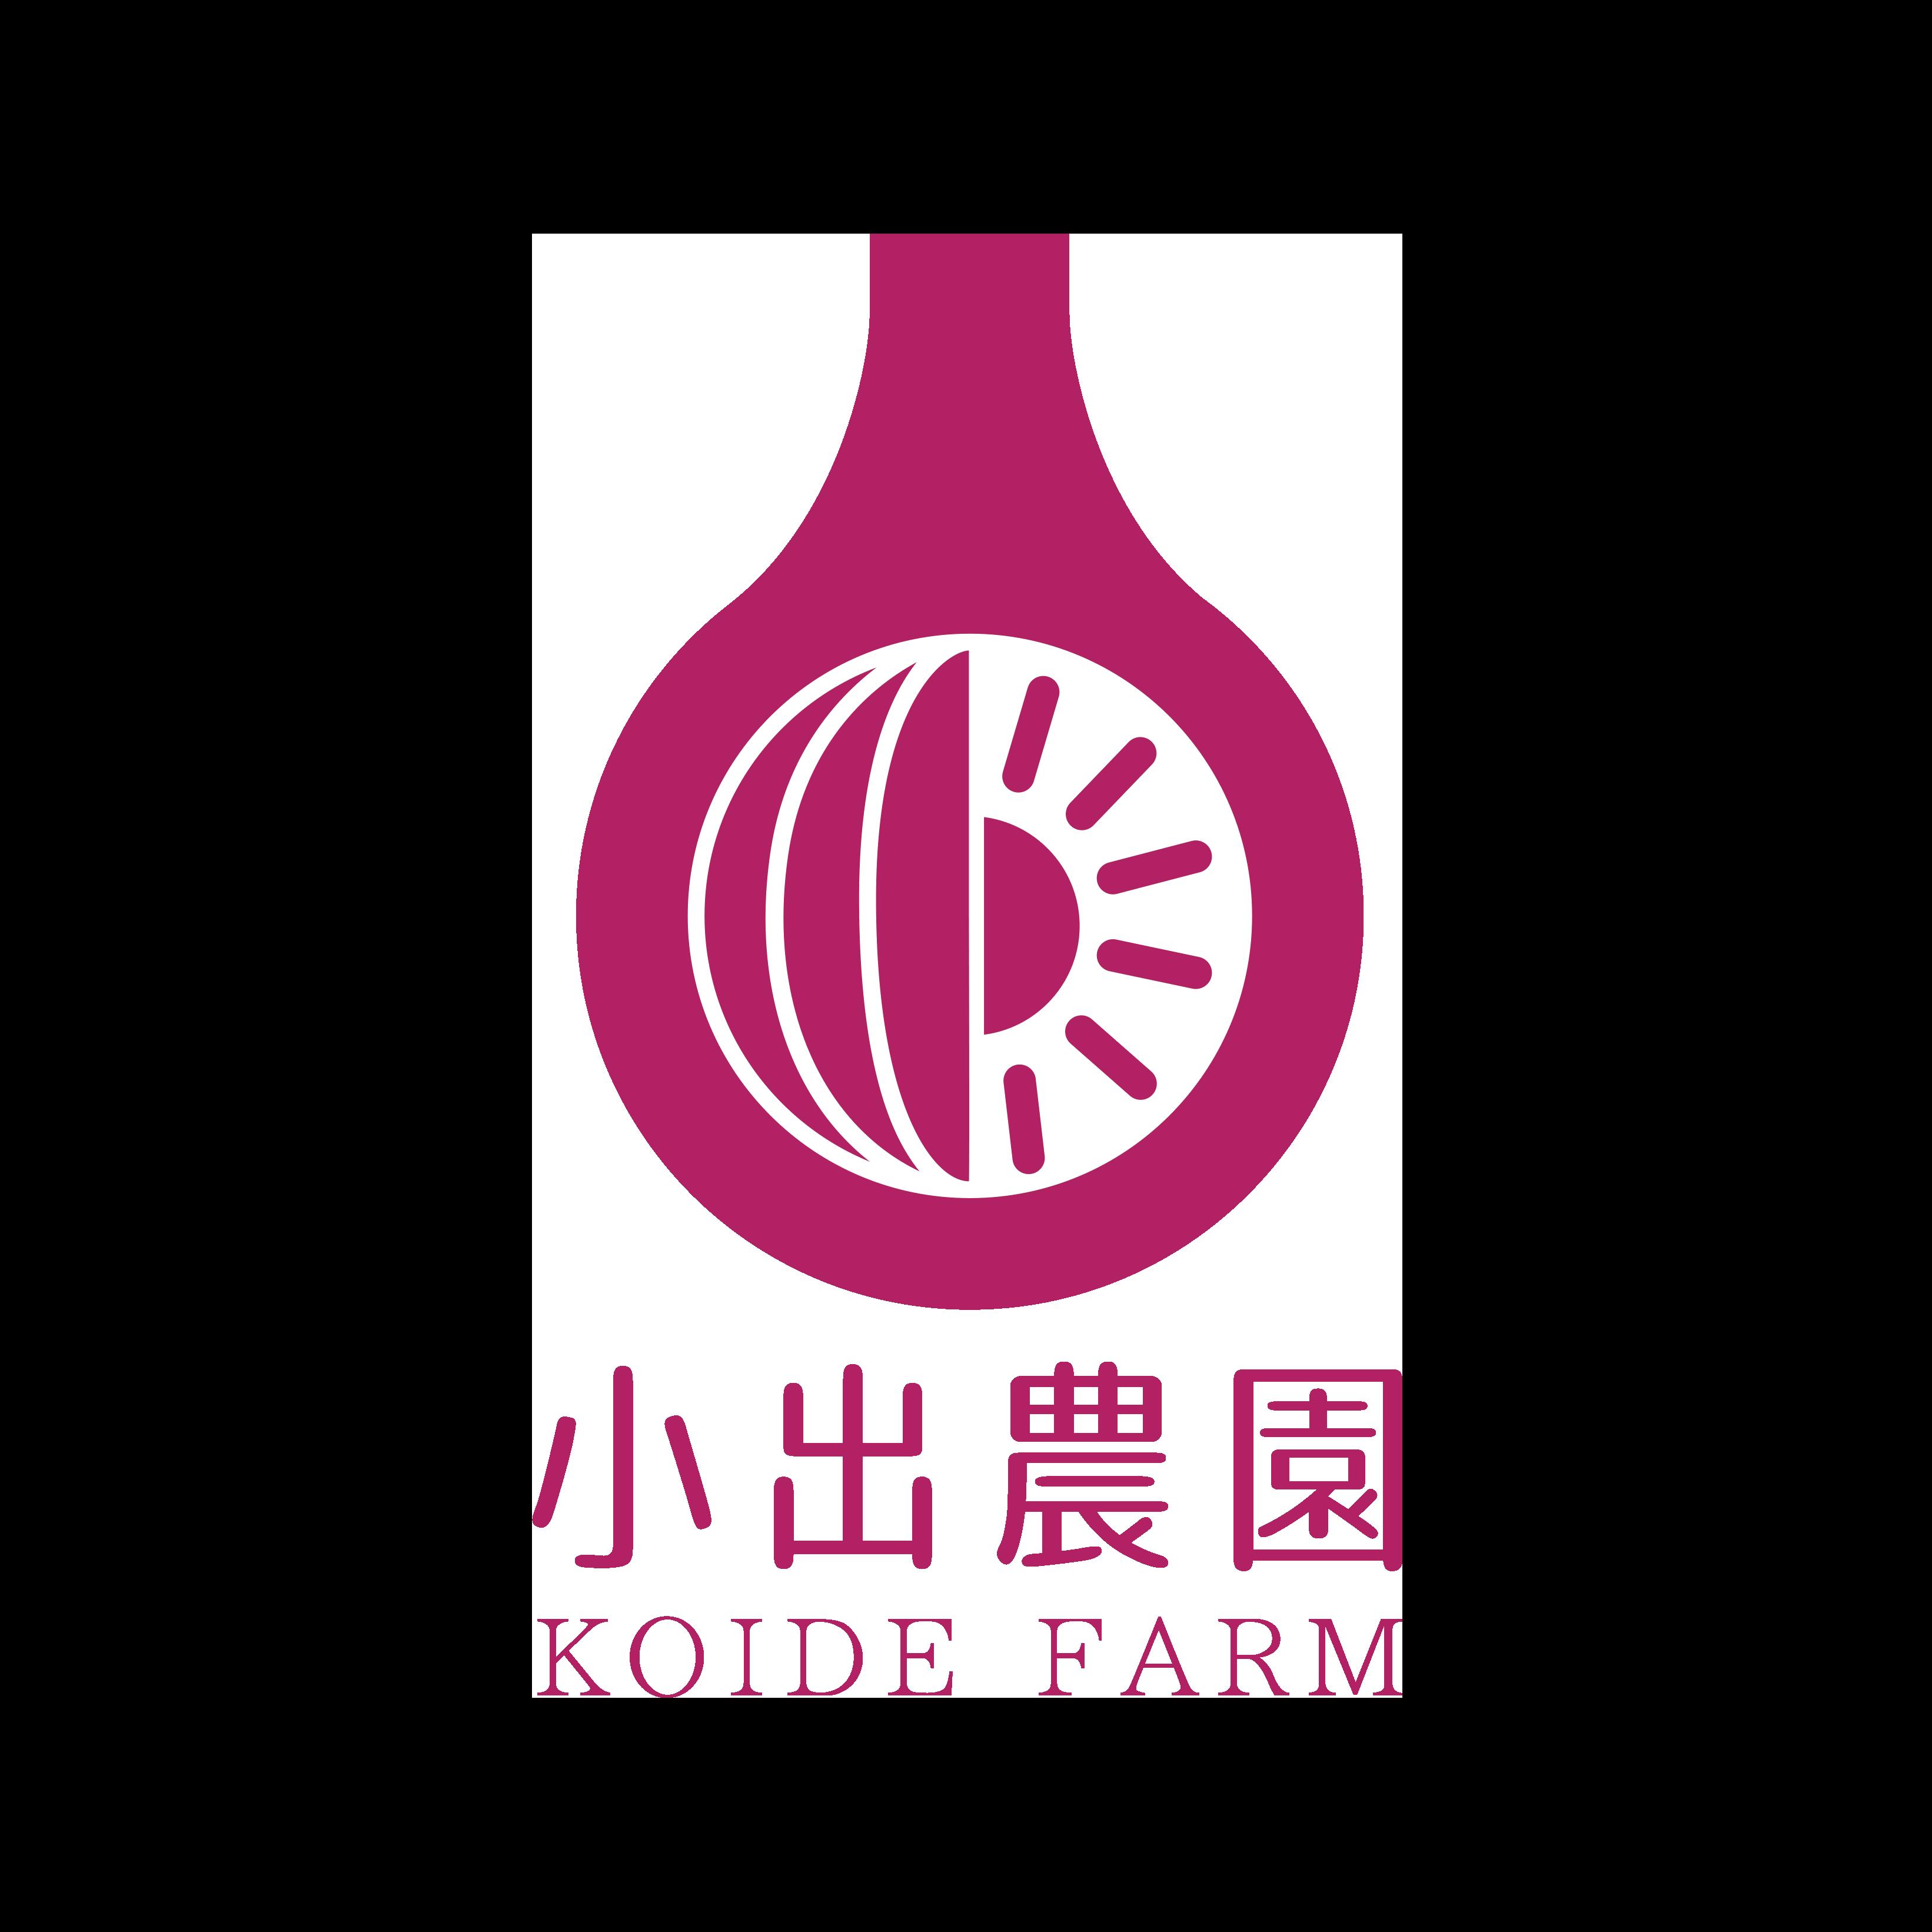 小出農園 KOIDE FARM